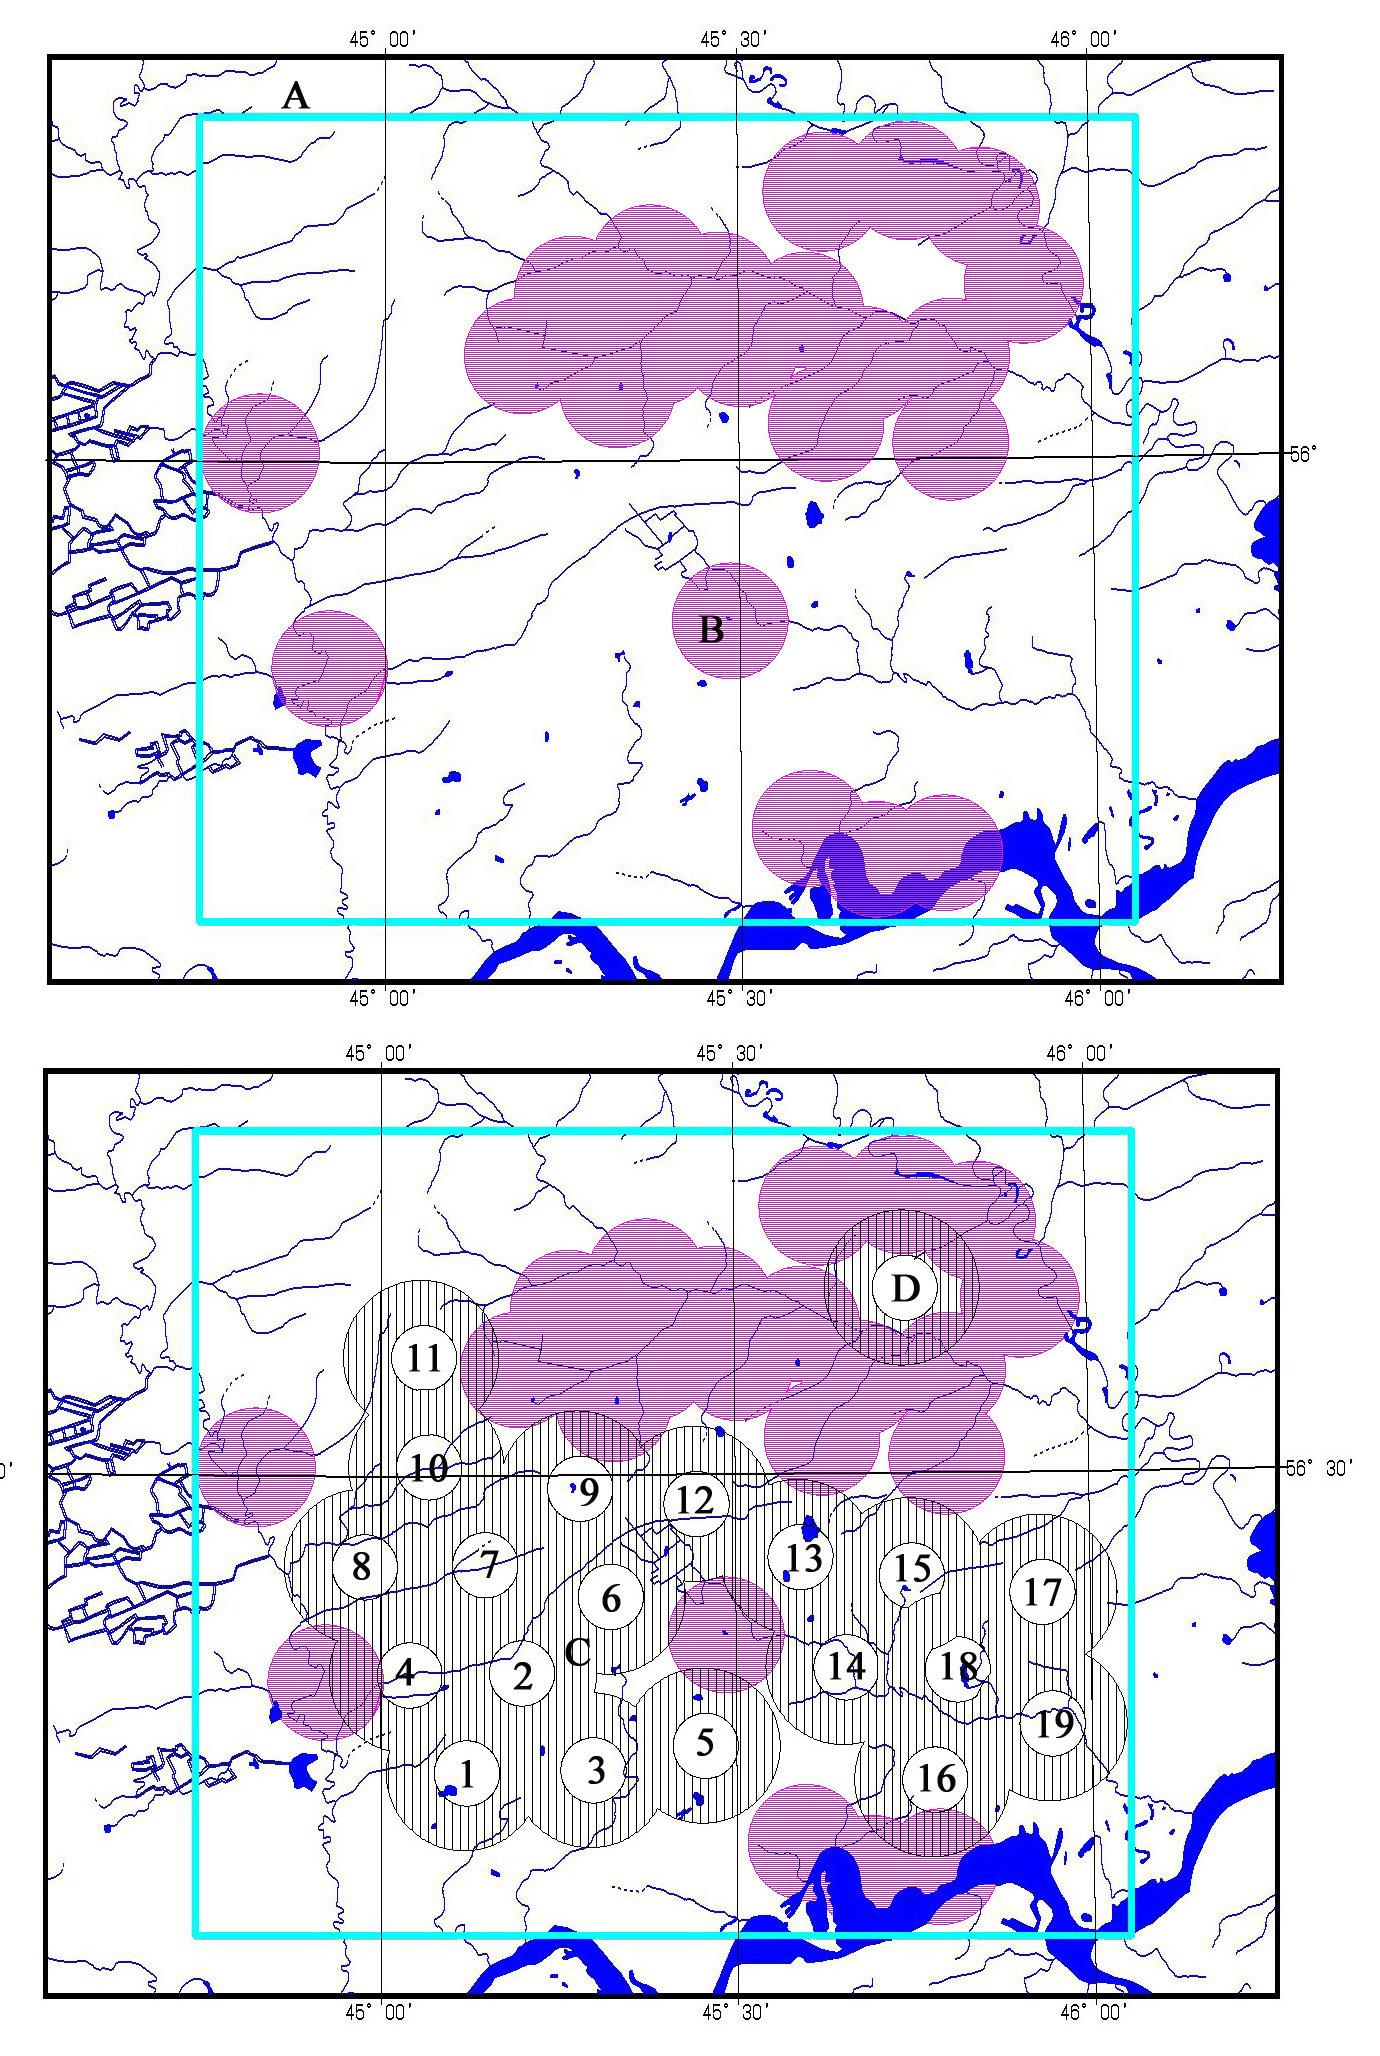 Рис. 435. Карта буферных территорий населенных пунктов (вверху) и предполагаемых гнездовых участков беркута (внизу)